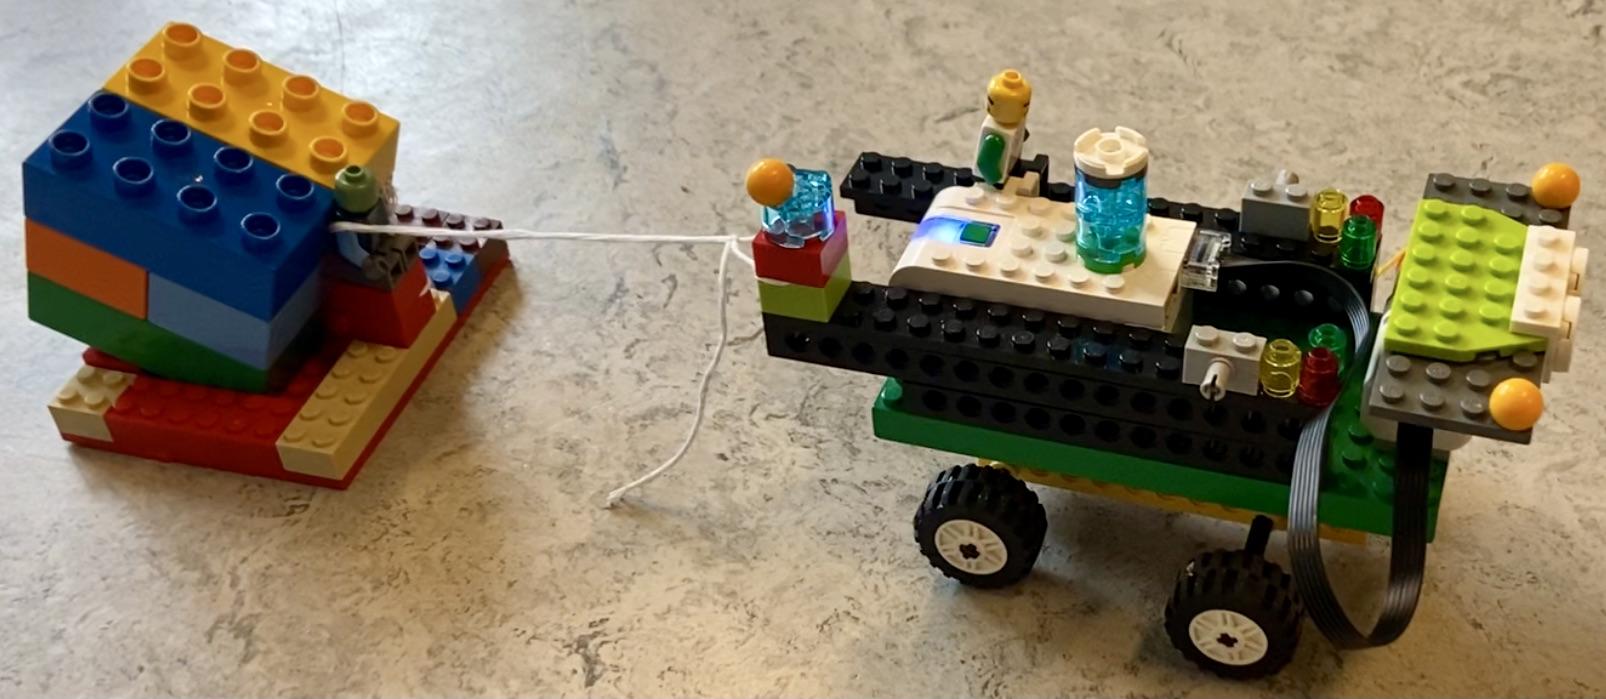 Legolastbil med lille anhænger efter sig